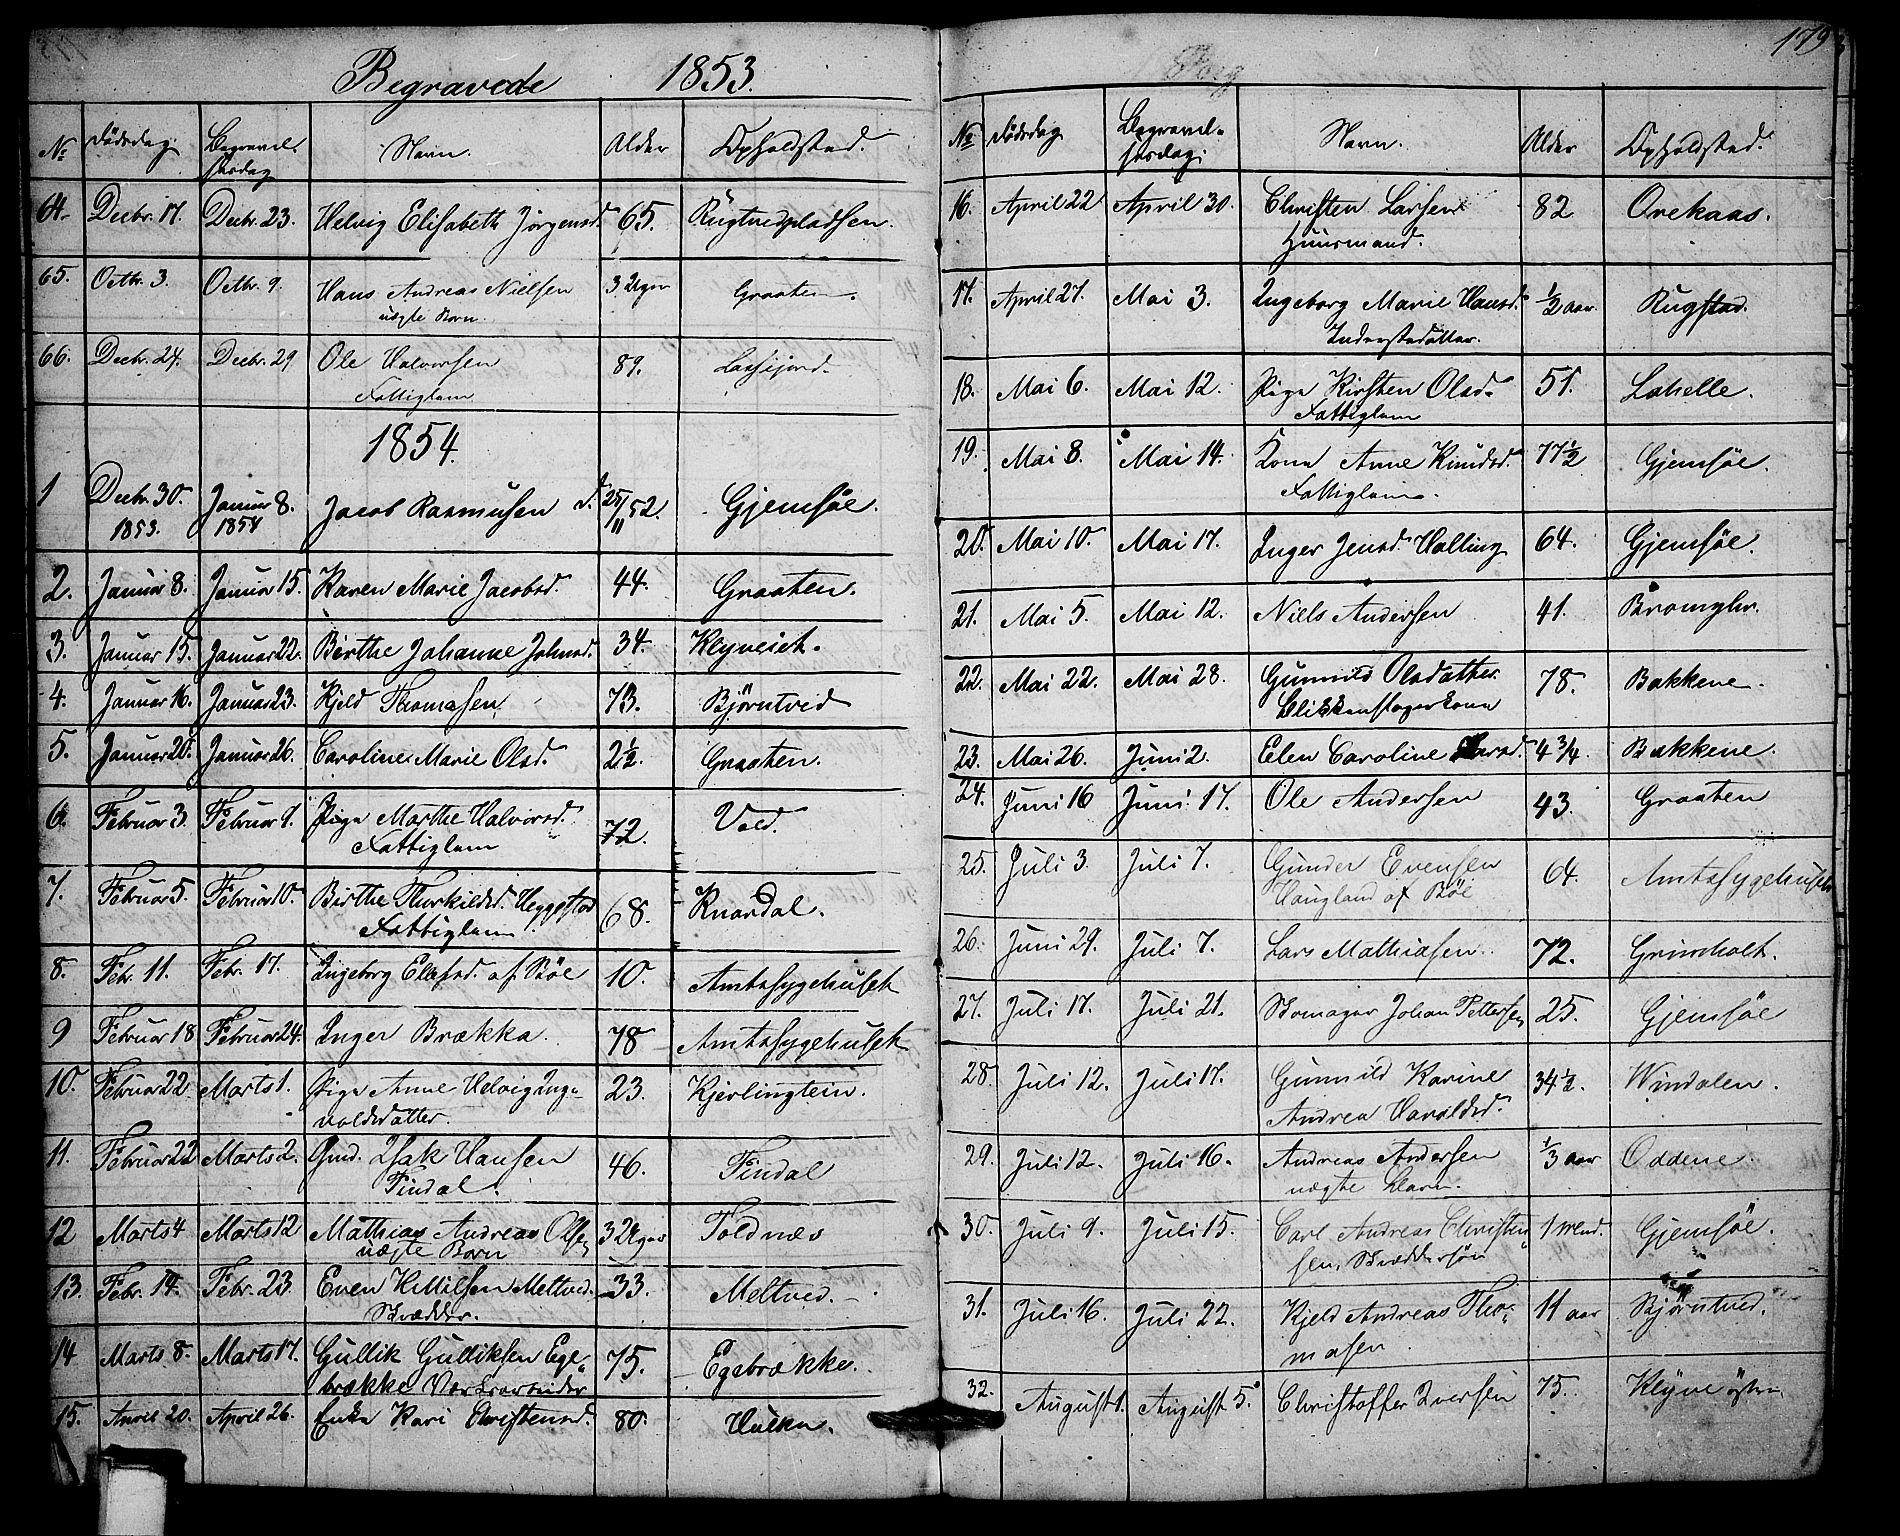 SAKO, Solum kirkebøker, G/Ga/L0003: Klokkerbok nr. I 3, 1848-1859, s. 179